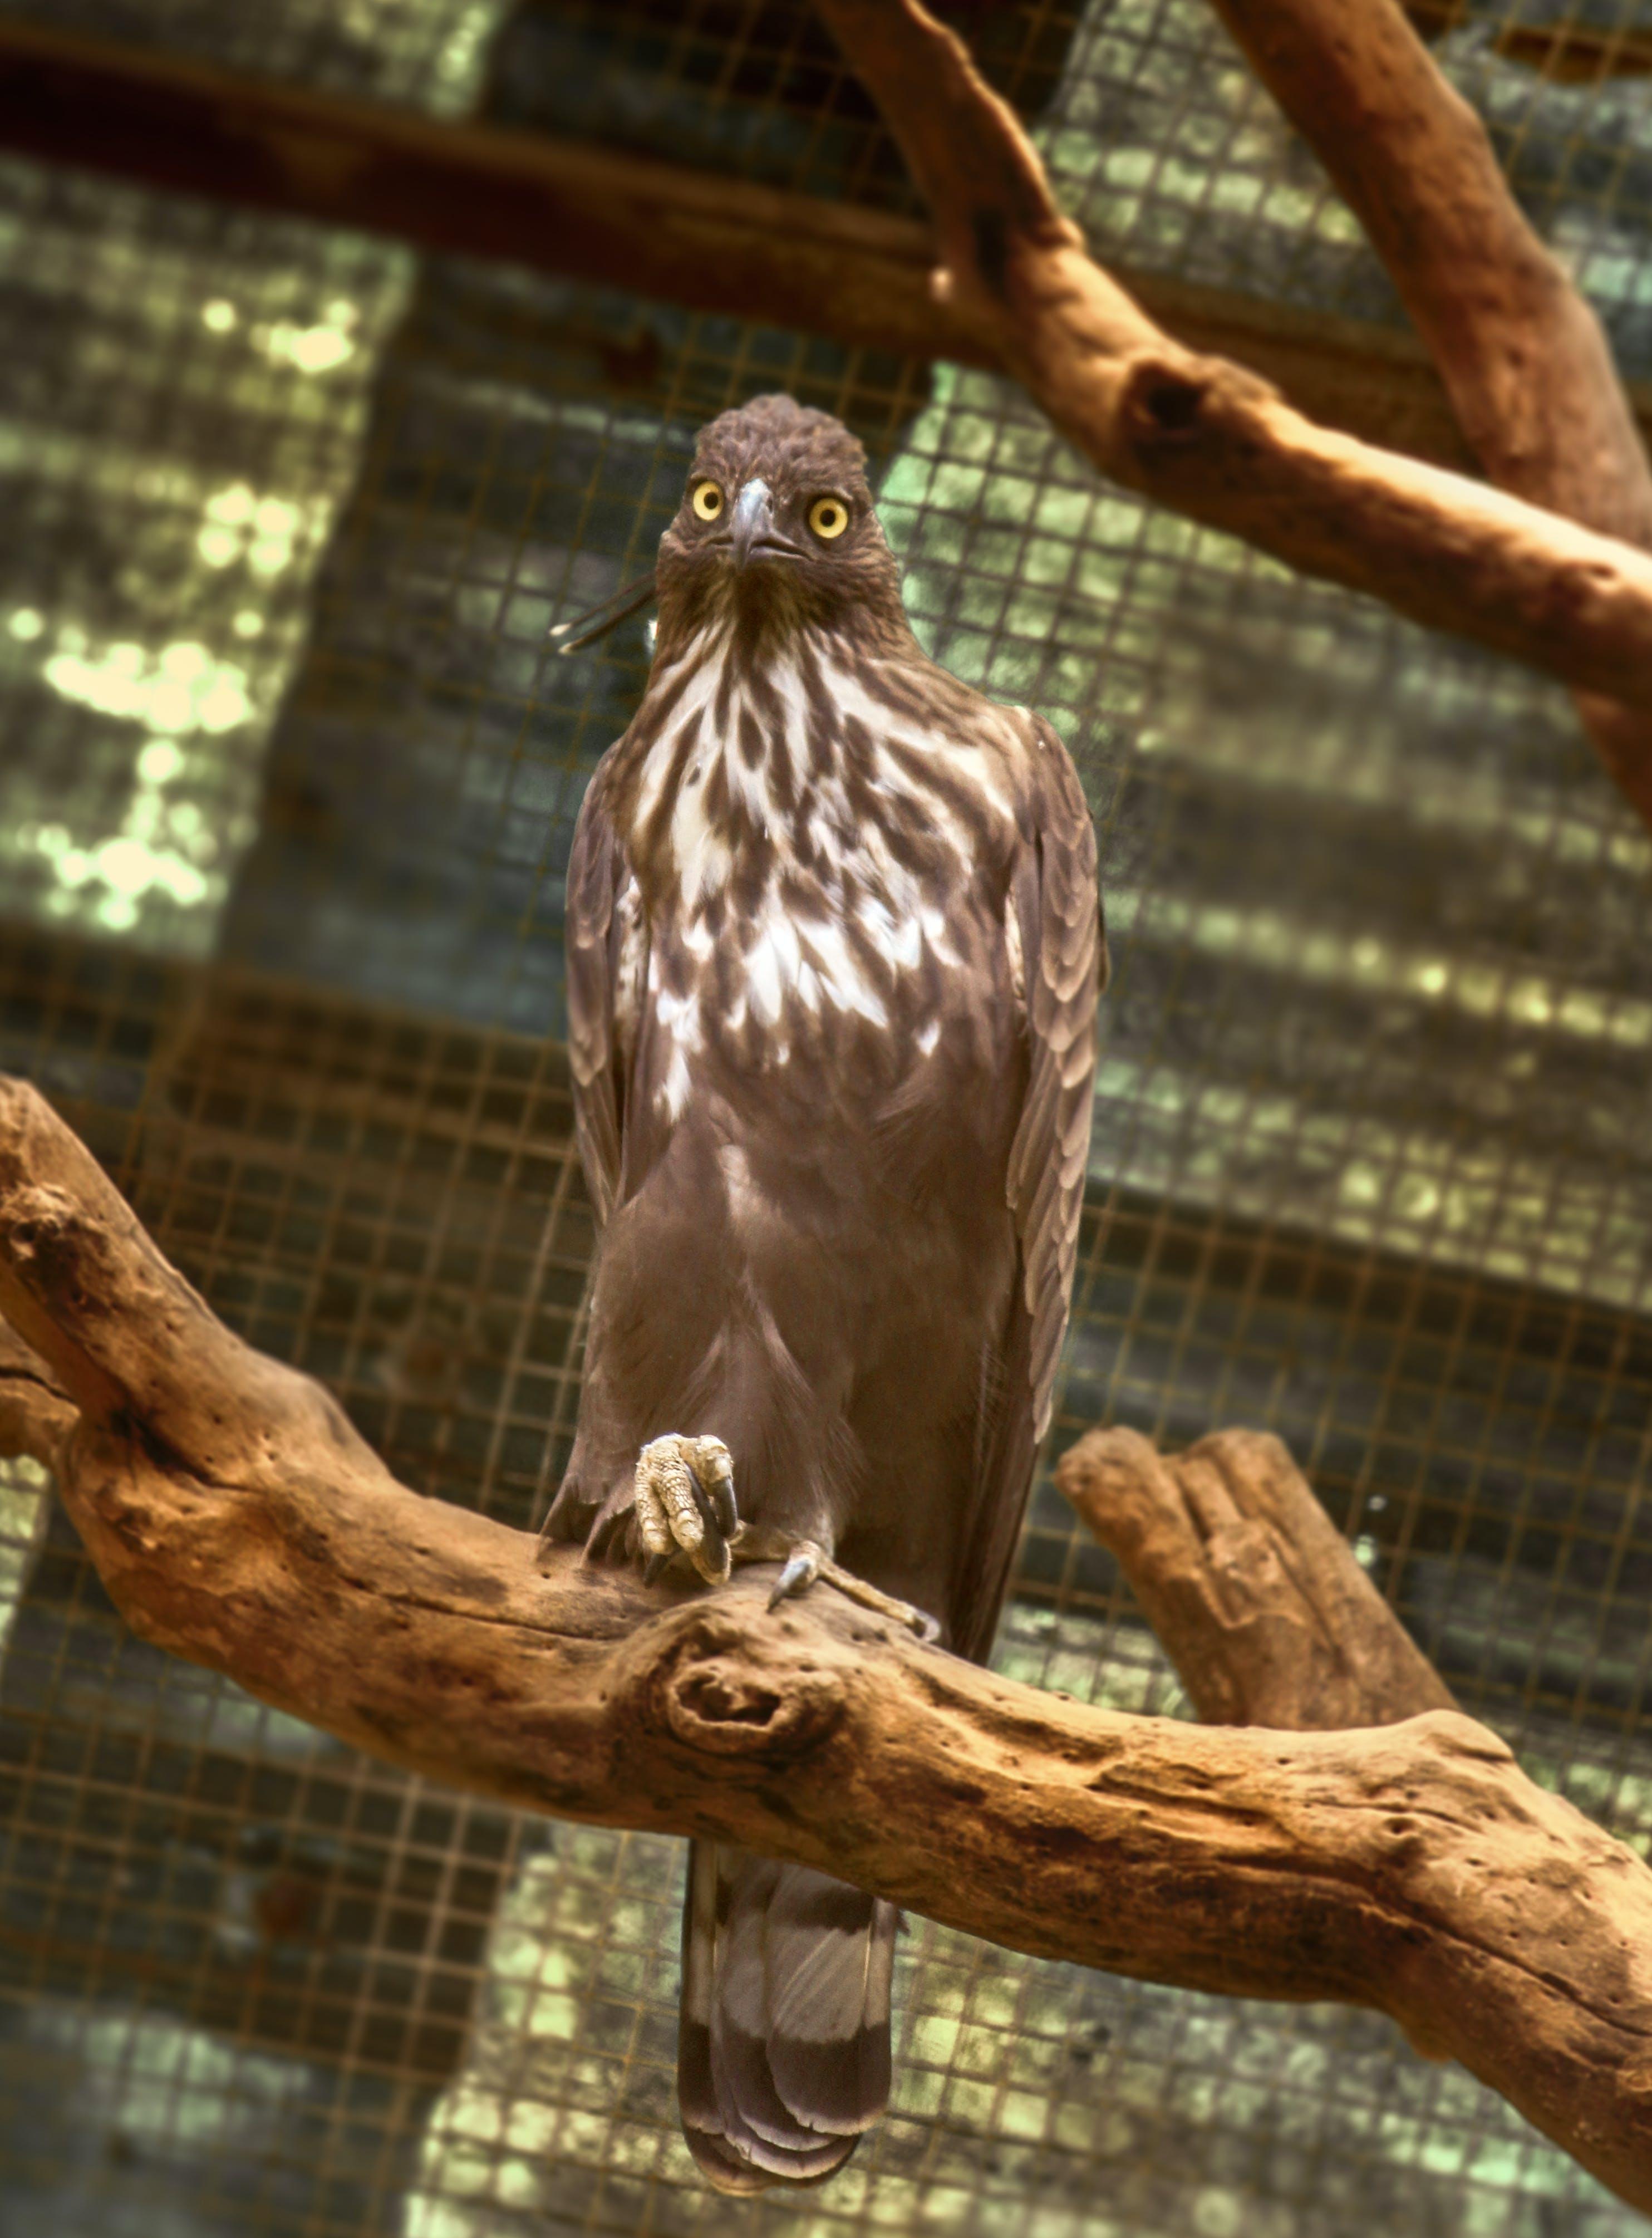 Free stock photo of animal, avian, beak, big eyes